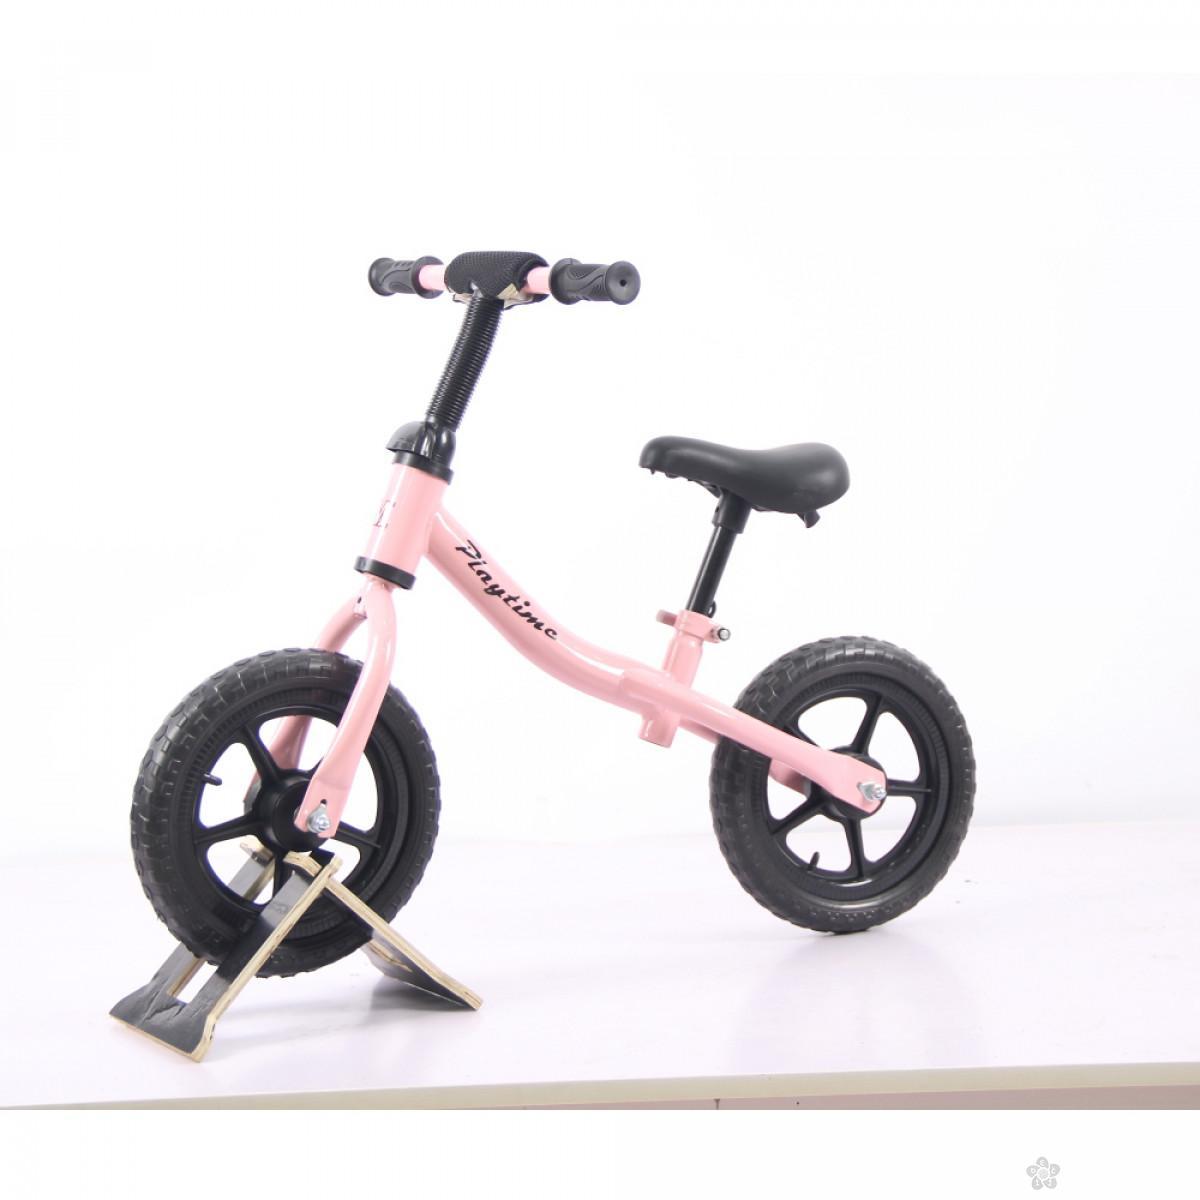 Biciklo za decu Balance bike, model 750 rozi